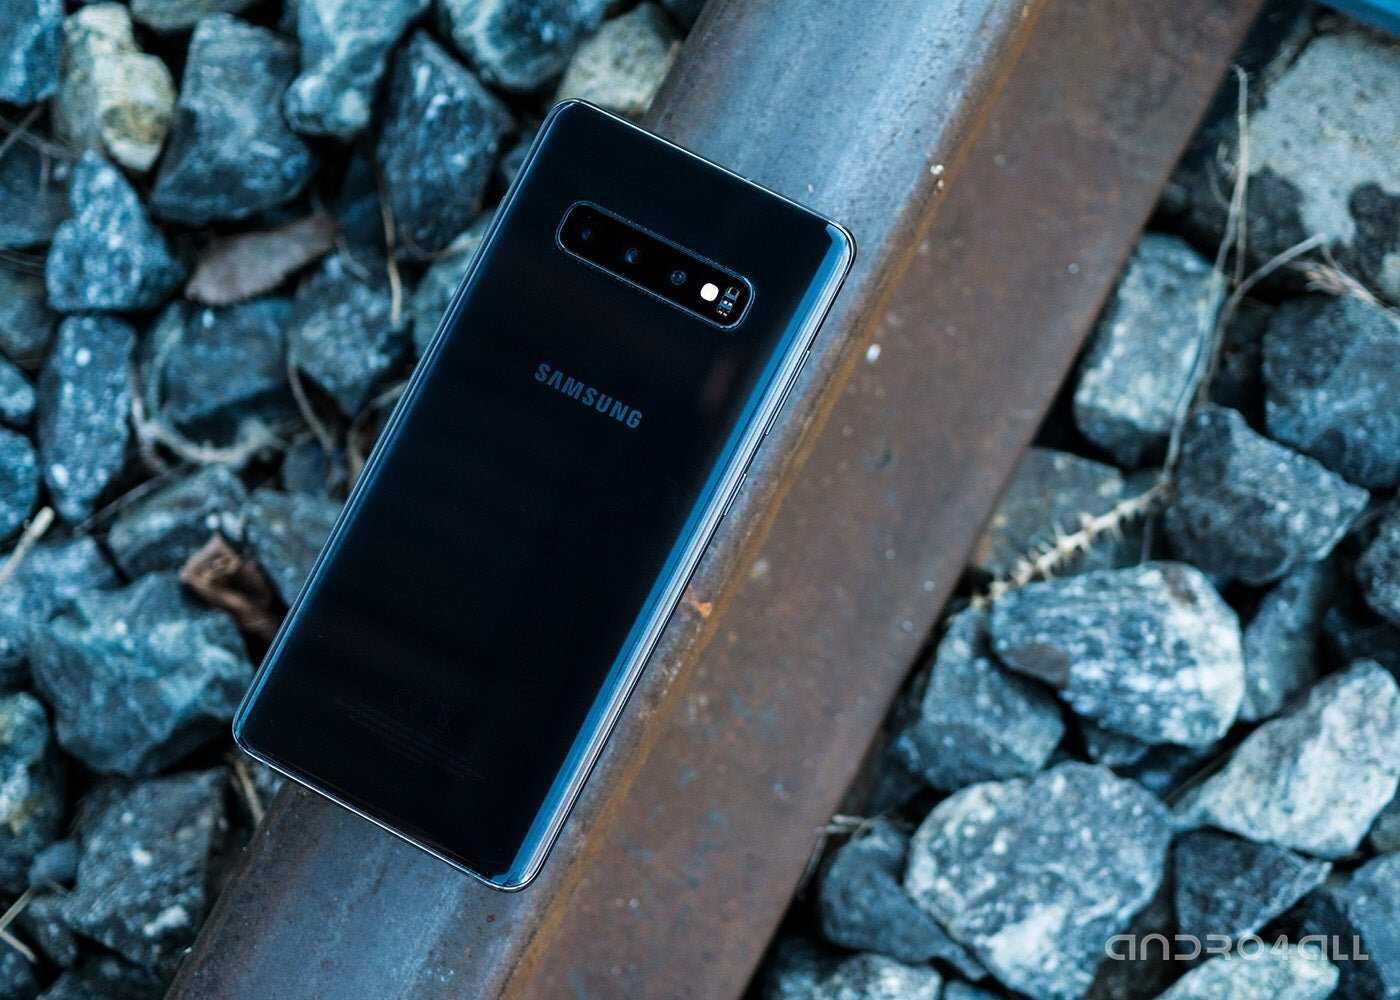 Le Samsung Galaxy S9 perd près de 60% de sa valeur neuf mois après son lancement